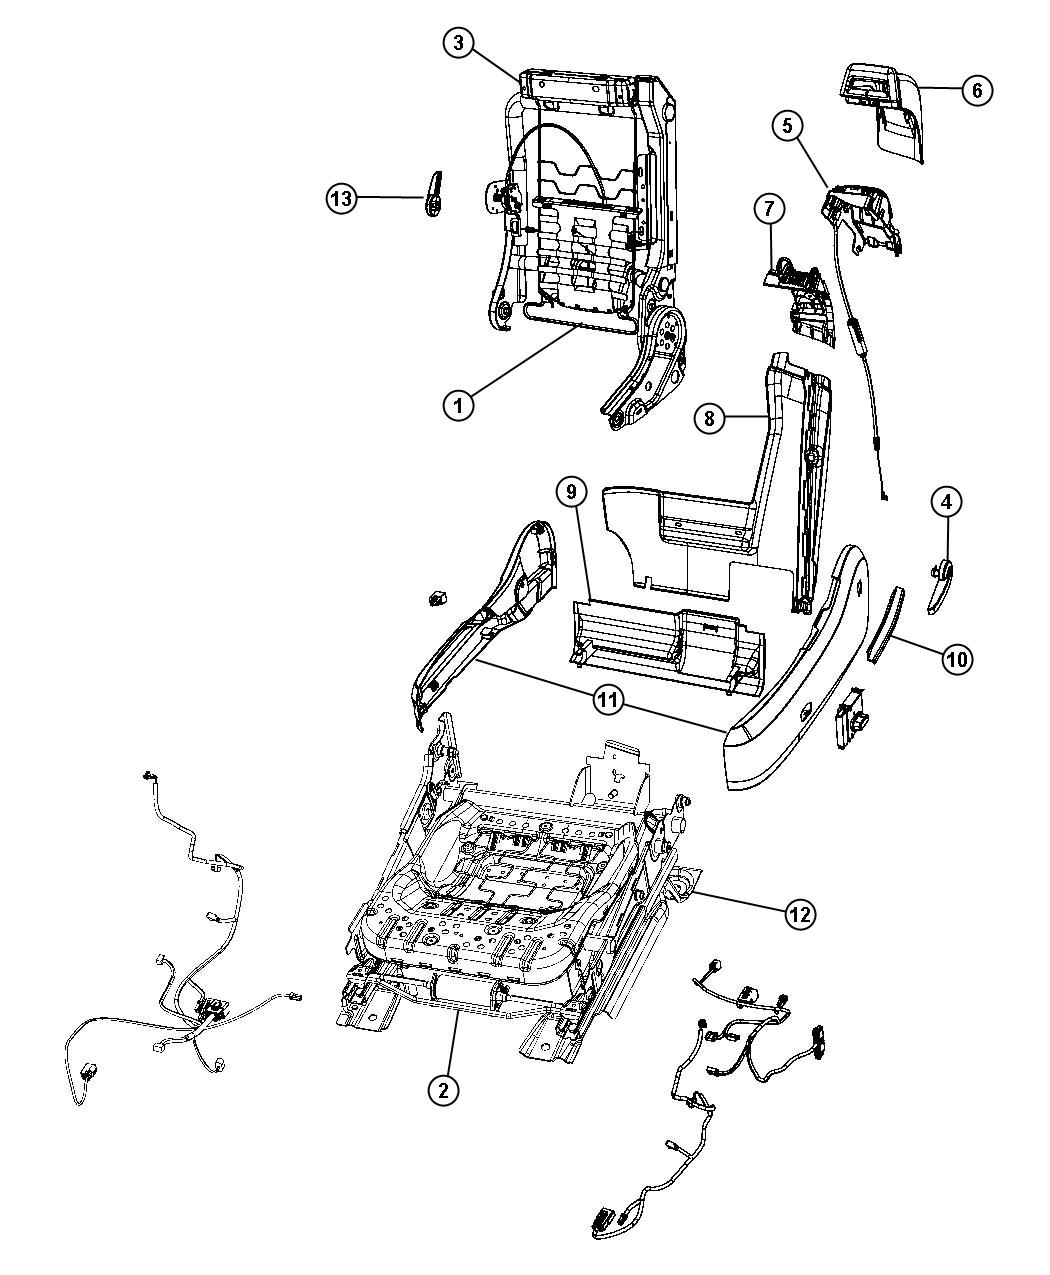 2009 Chrysler Sebring Shield. Seat adjuster. Inboard. [dv